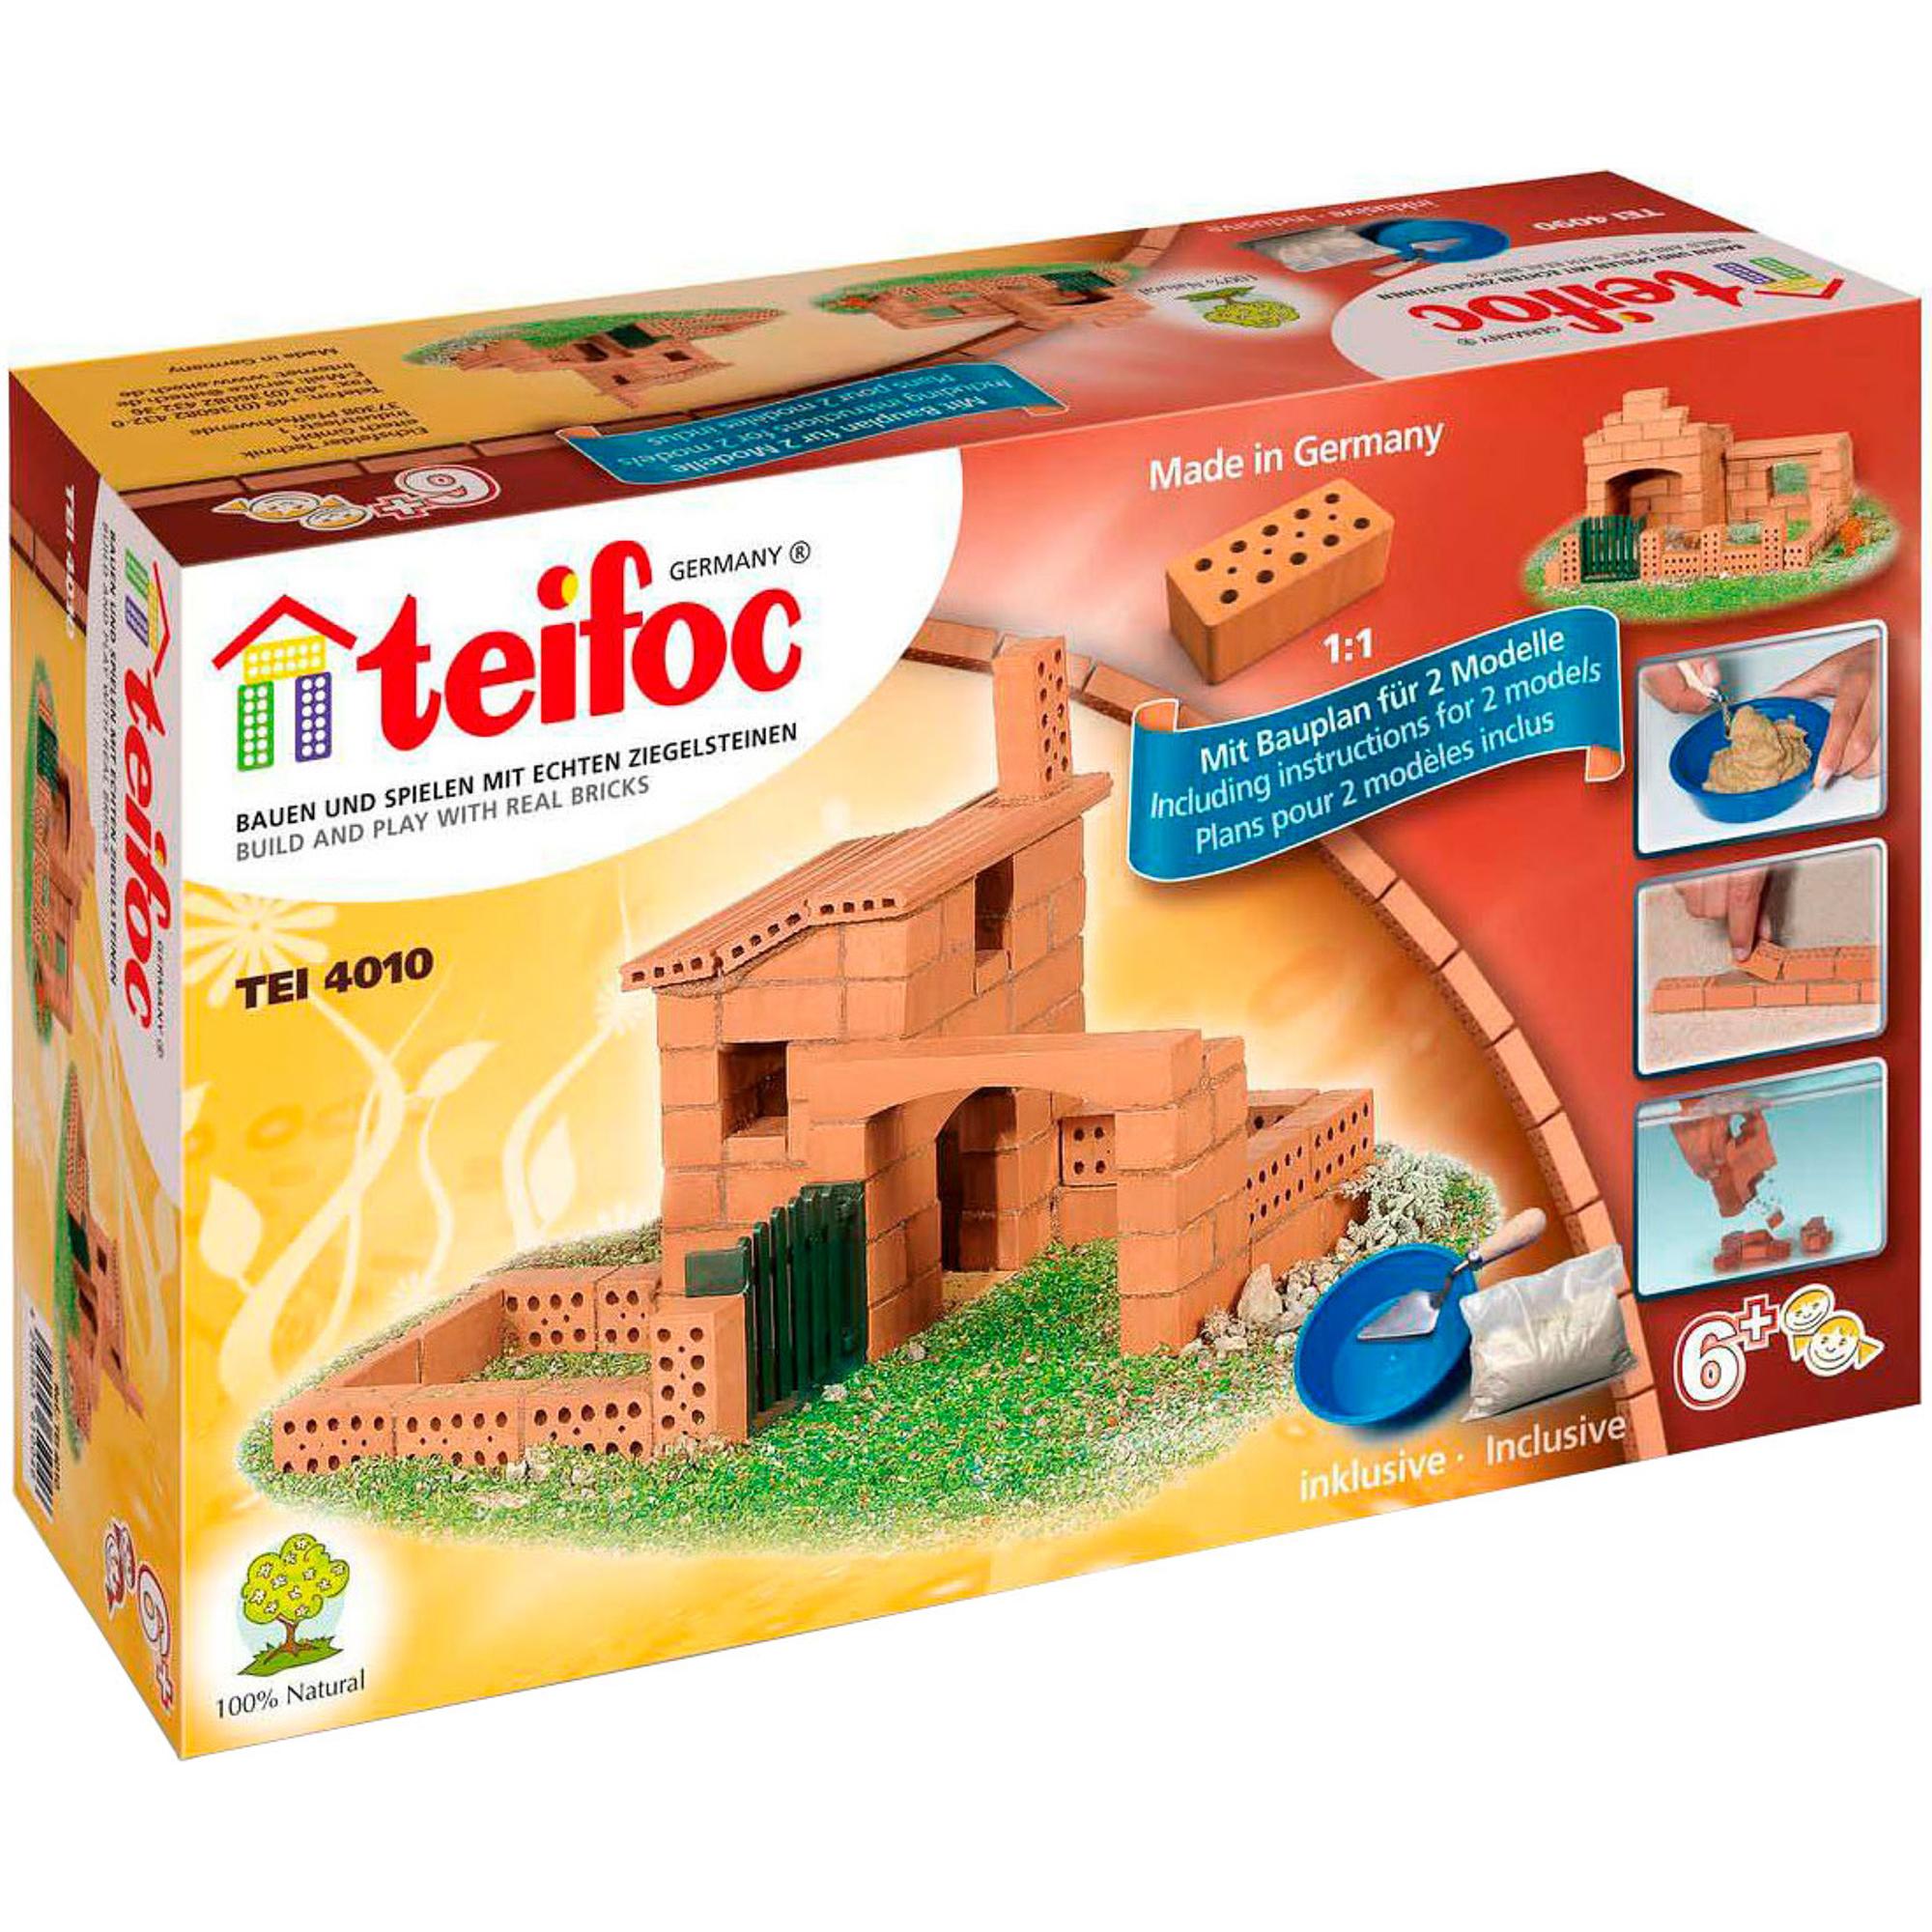 Купить Игровой набор TEIFOC Дом 2 модели TEI 4010, Германия, Глинянный кирпич, Наборы игровые